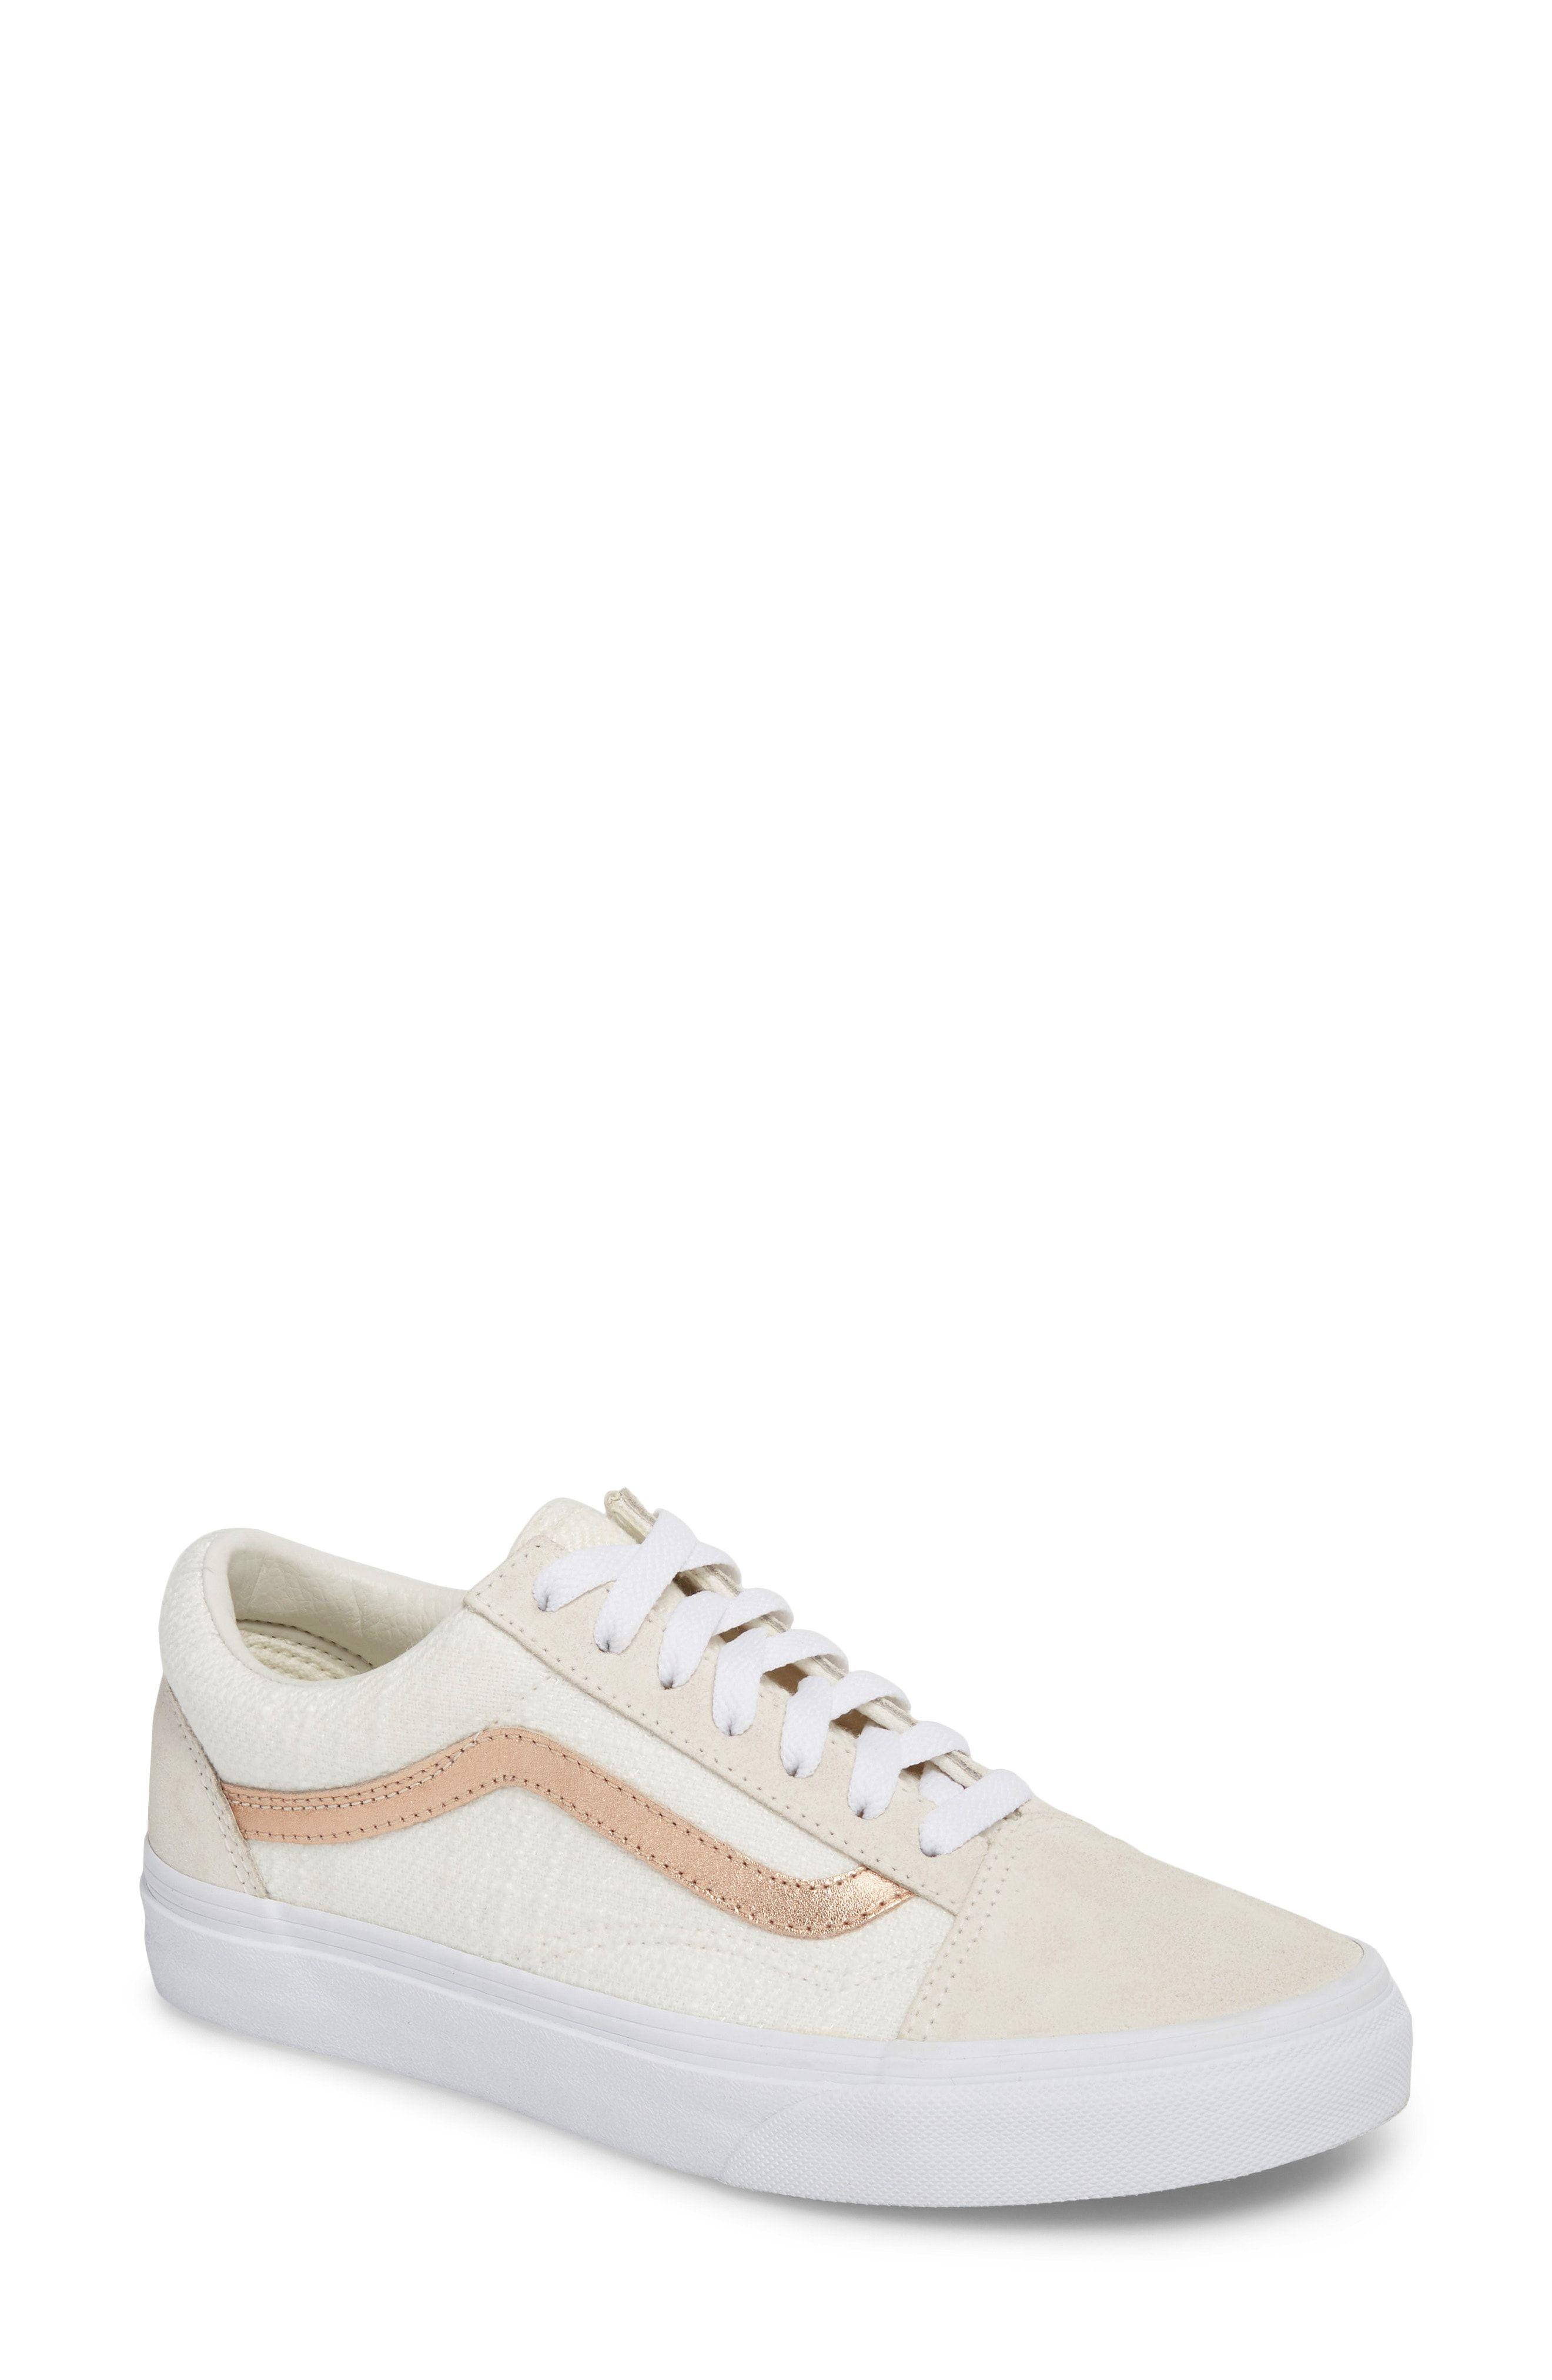 nordstrom #nsale rose gold vans old skool sneaker   Sneakers